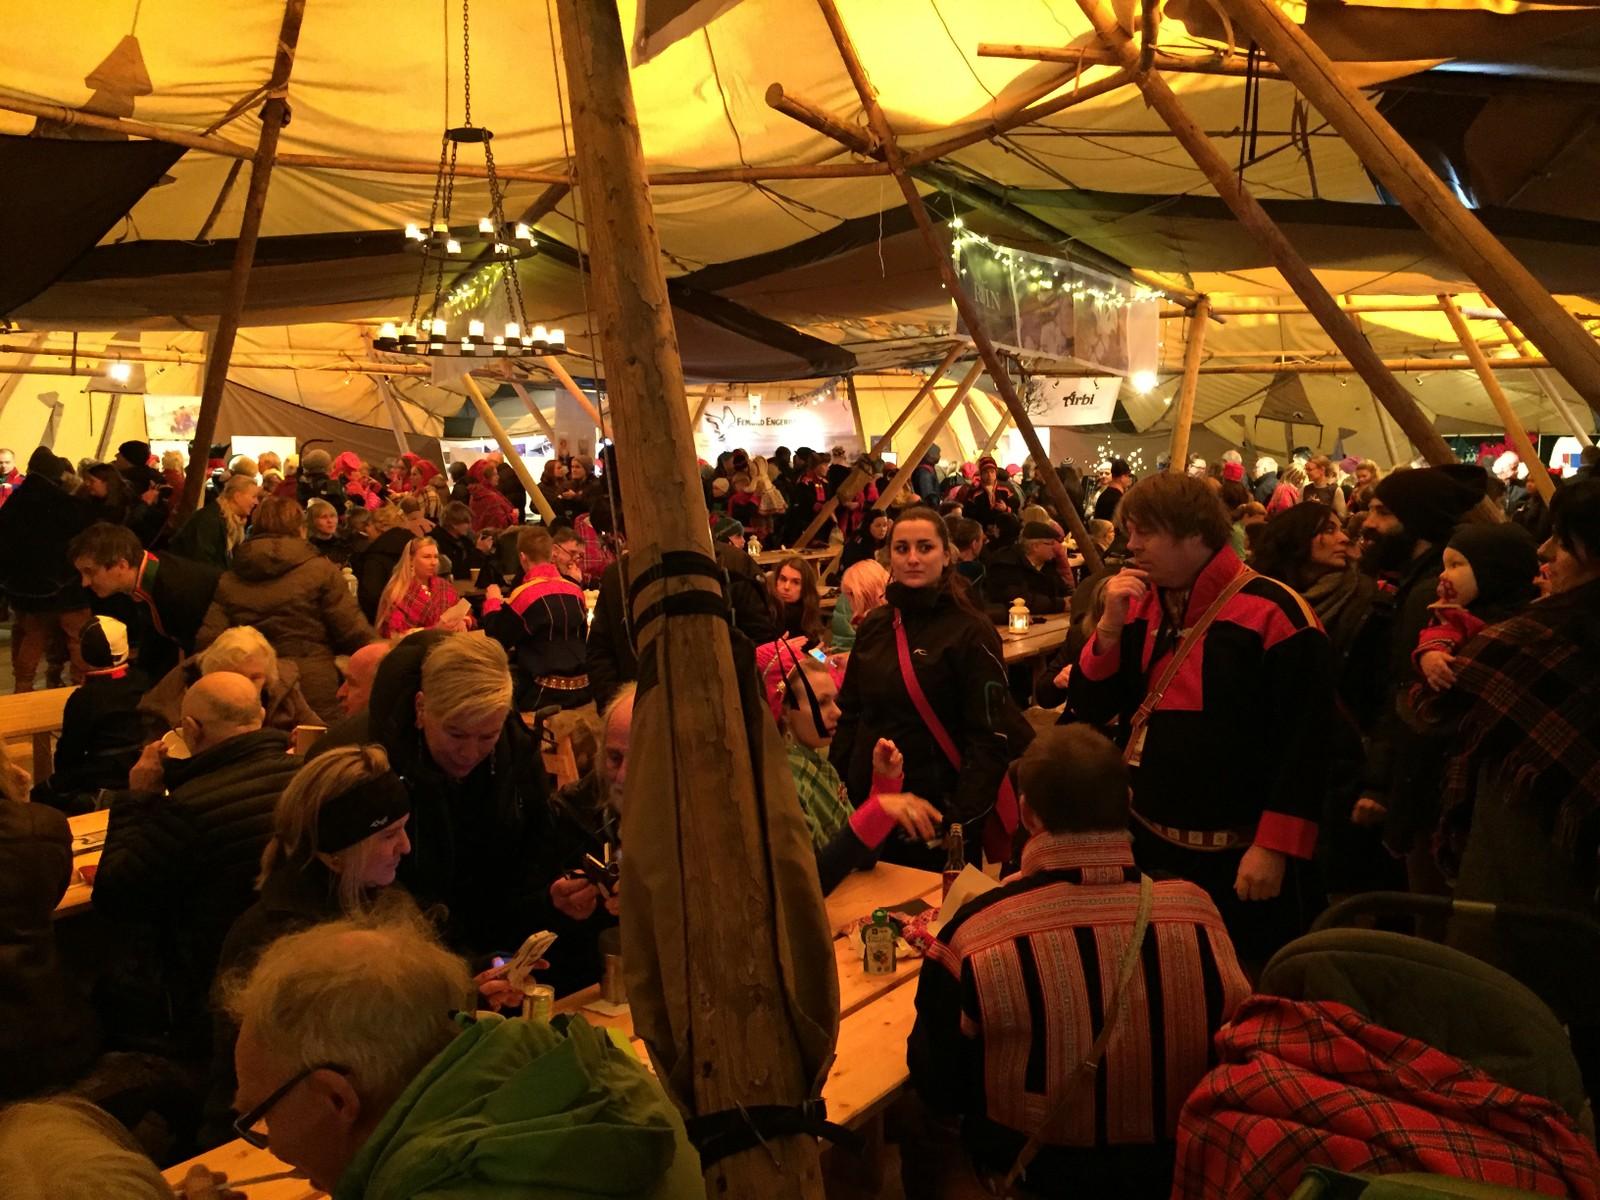 Lavvoen på torget er full av mennesker på åpningsdagen til Tråante 2017